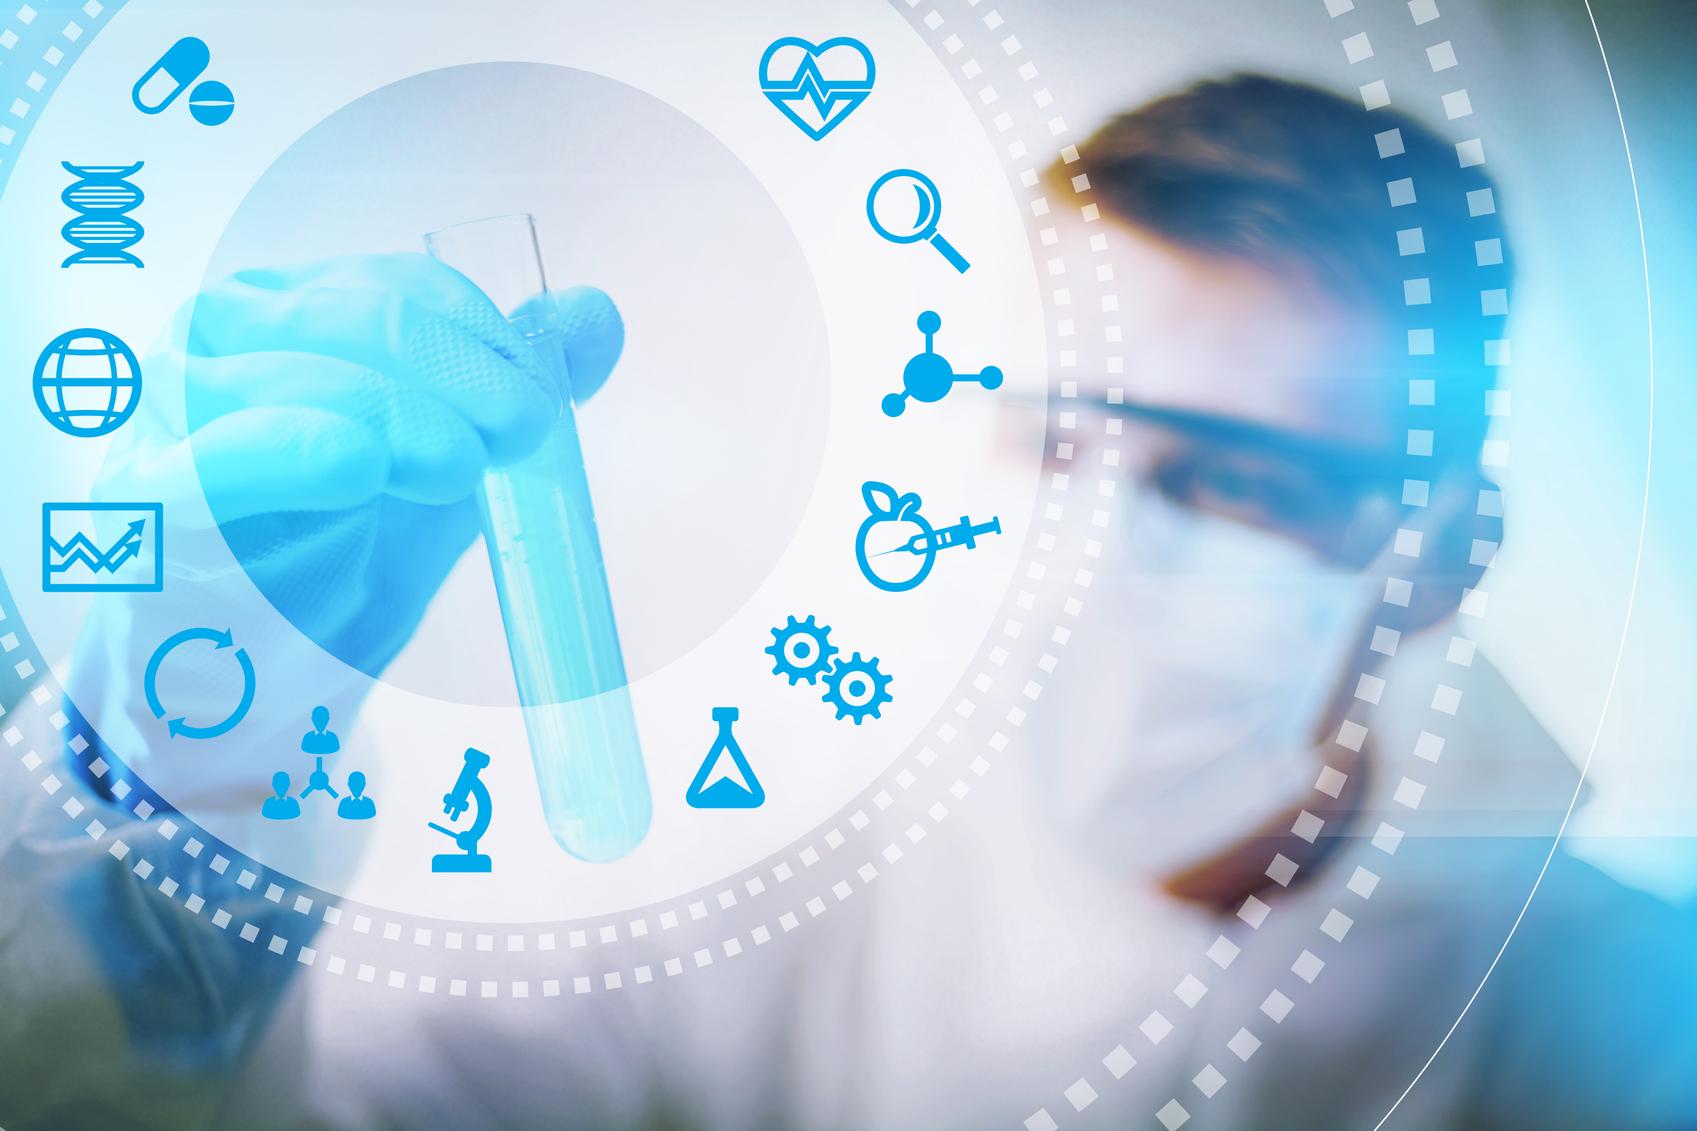 Anvisa atualiza marco regulatório de farmacovigilância